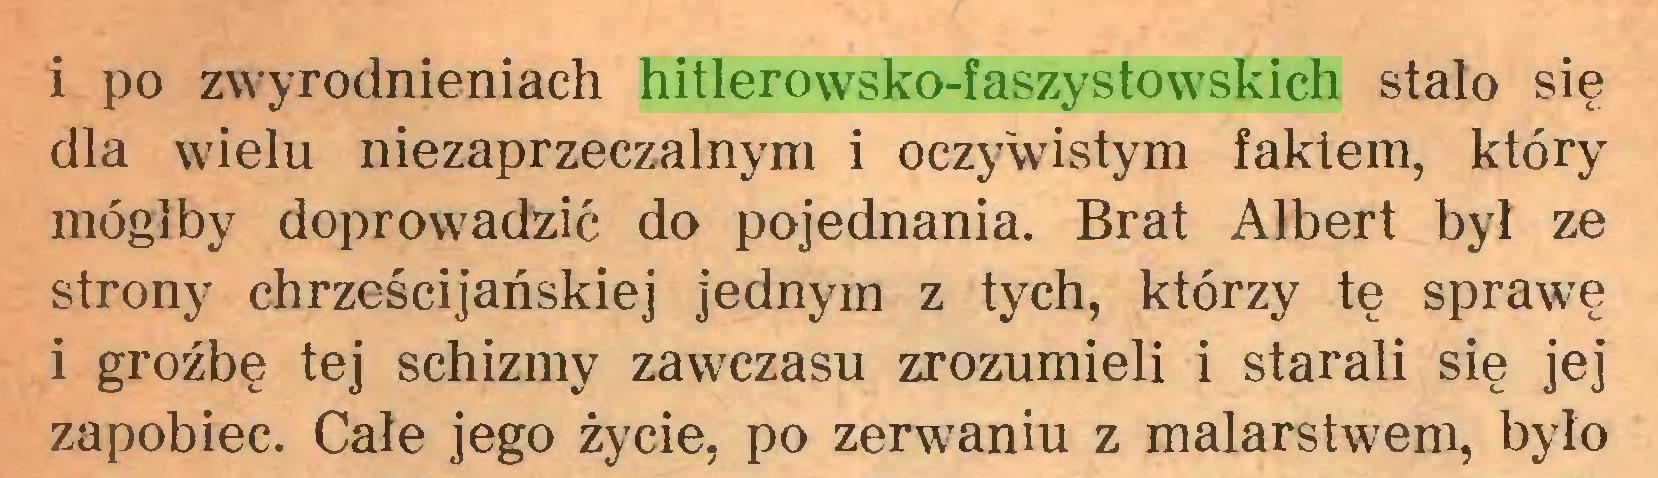 (...) i po zwyrodnieniach hitlerowsko-faszystowskich stało się dla wielu niezaprzeczalnym i oczywistym faktem, który mógłby doprowadzić do pojednania. Brat Albert był ze strony chrześcijańskiej jednym z tych, którzy tę sprawę i groźbę tej schizmy zawczasu zrozumieli i starali się jej zapobiec. Całe jego życie, po zerwaniu z malarstwem, było...